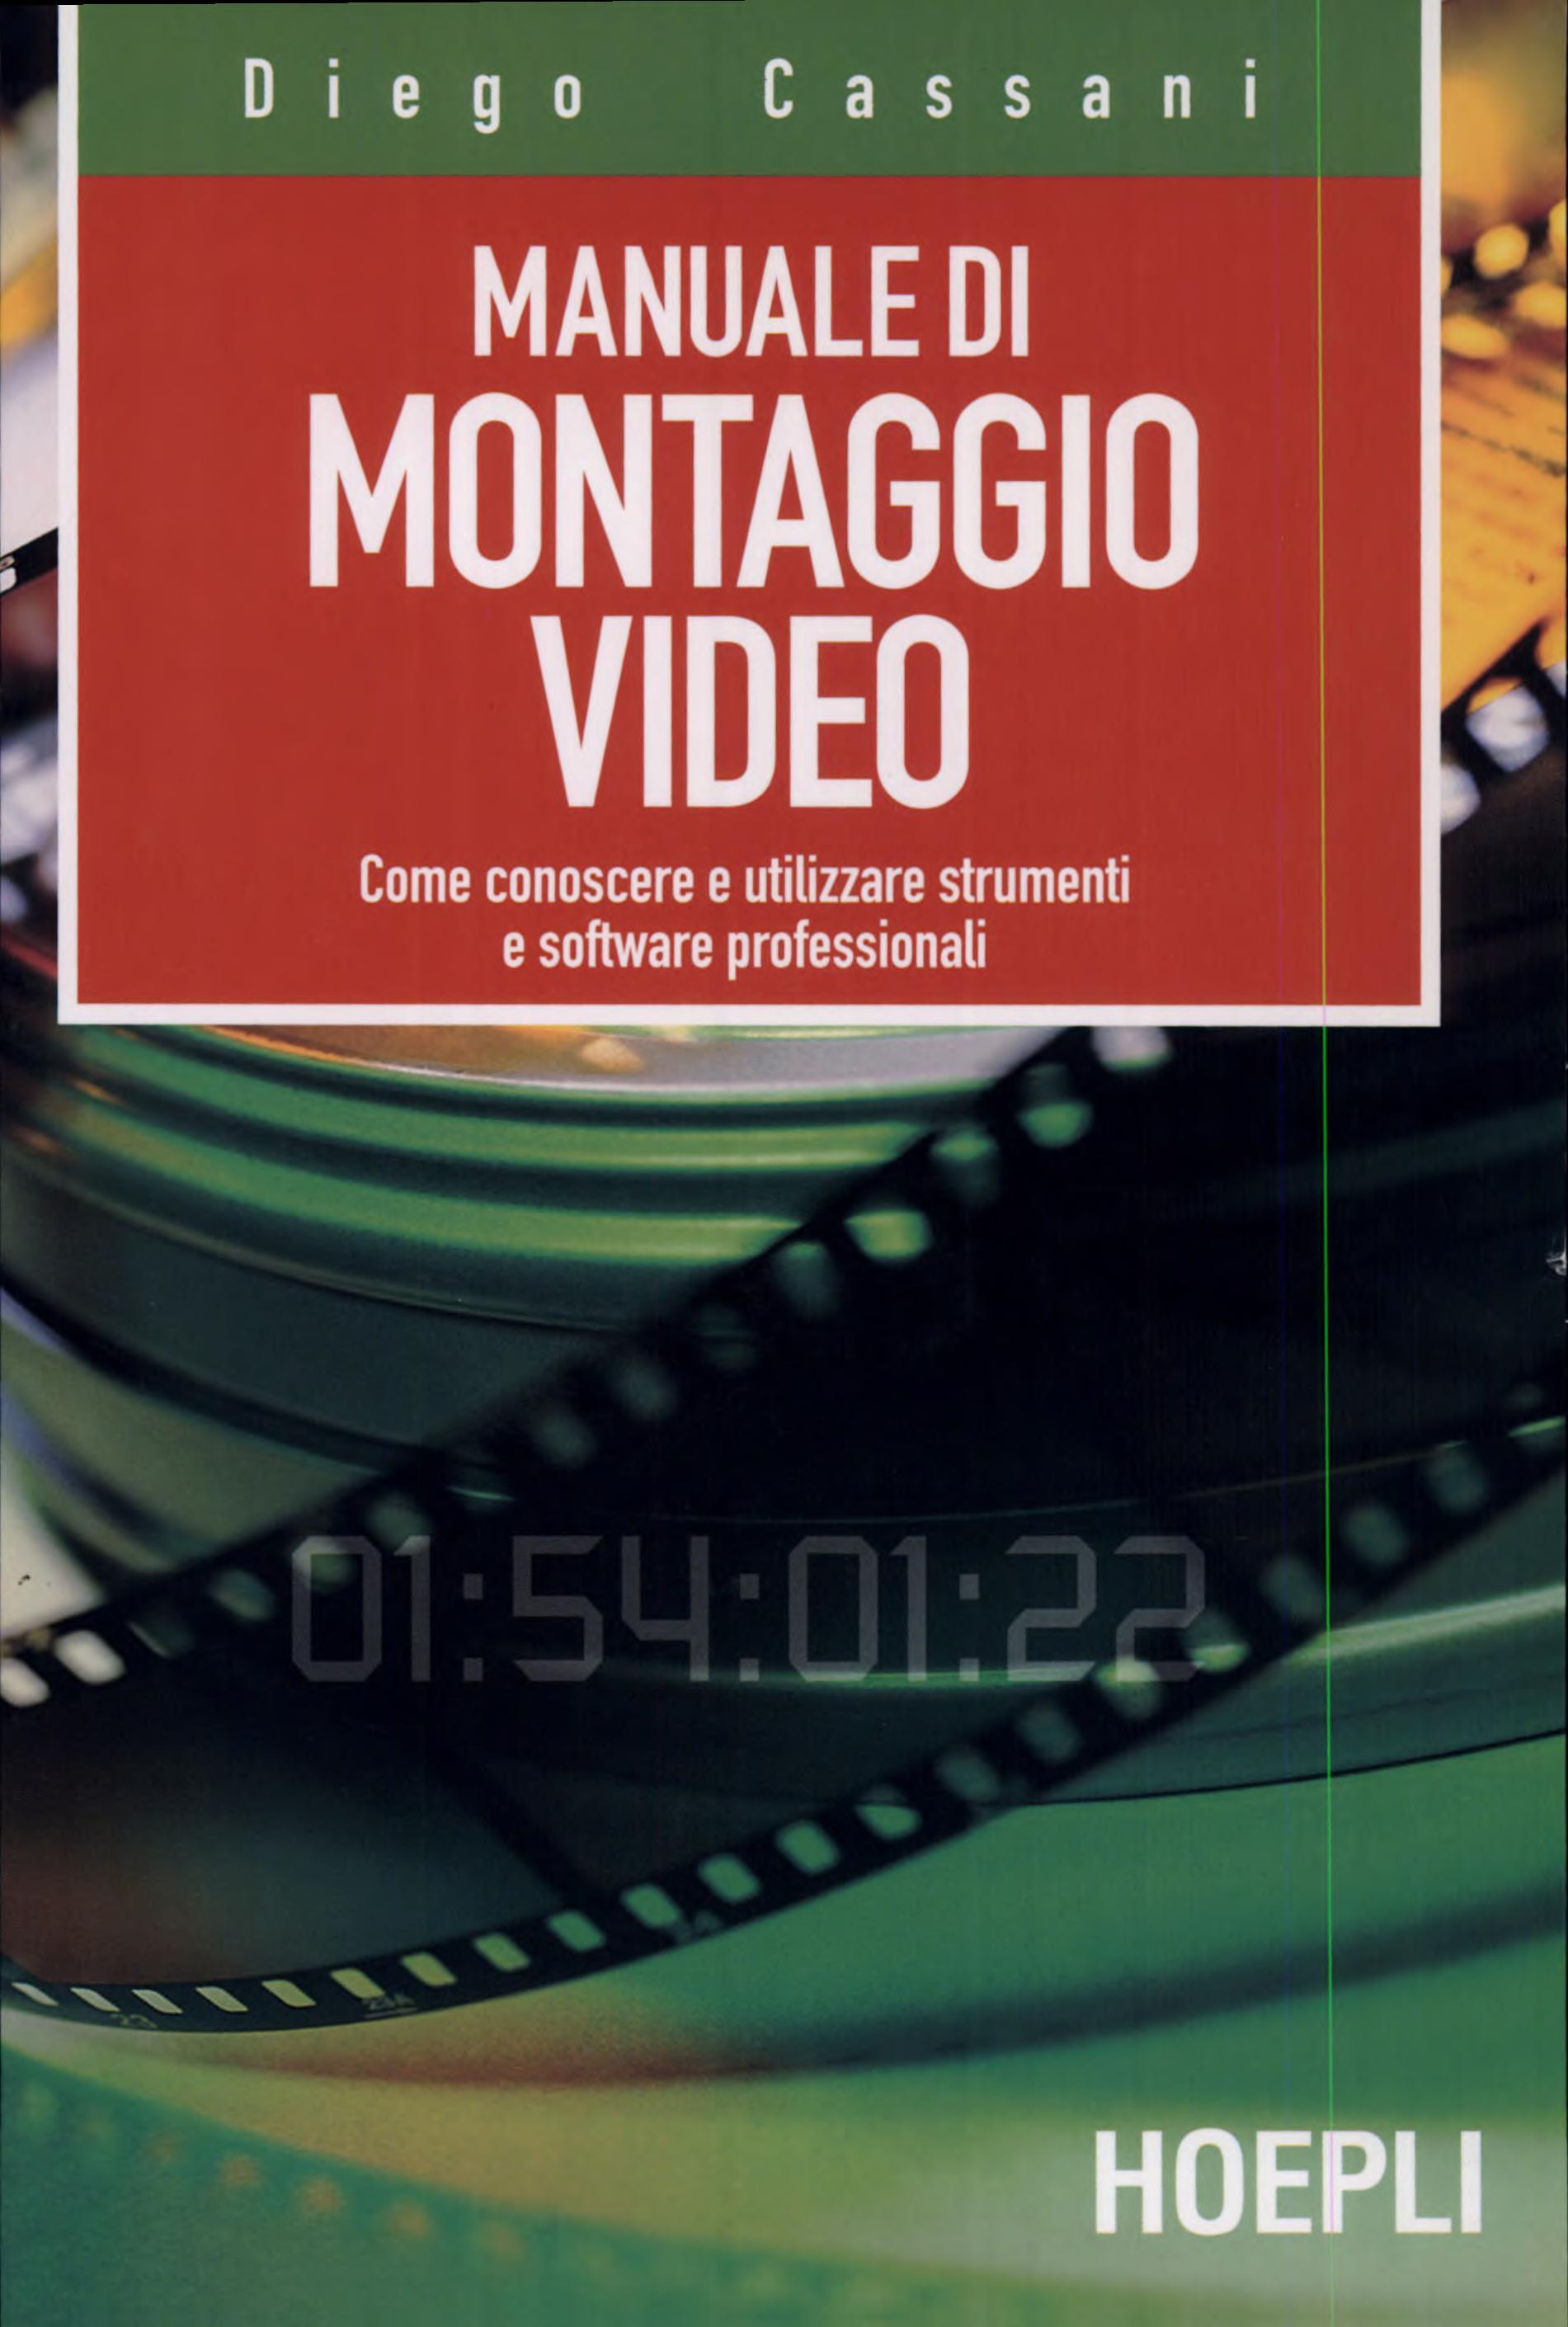 Manuale del montaggio video  Come conoscere e utilizzare strumenti e software professionali